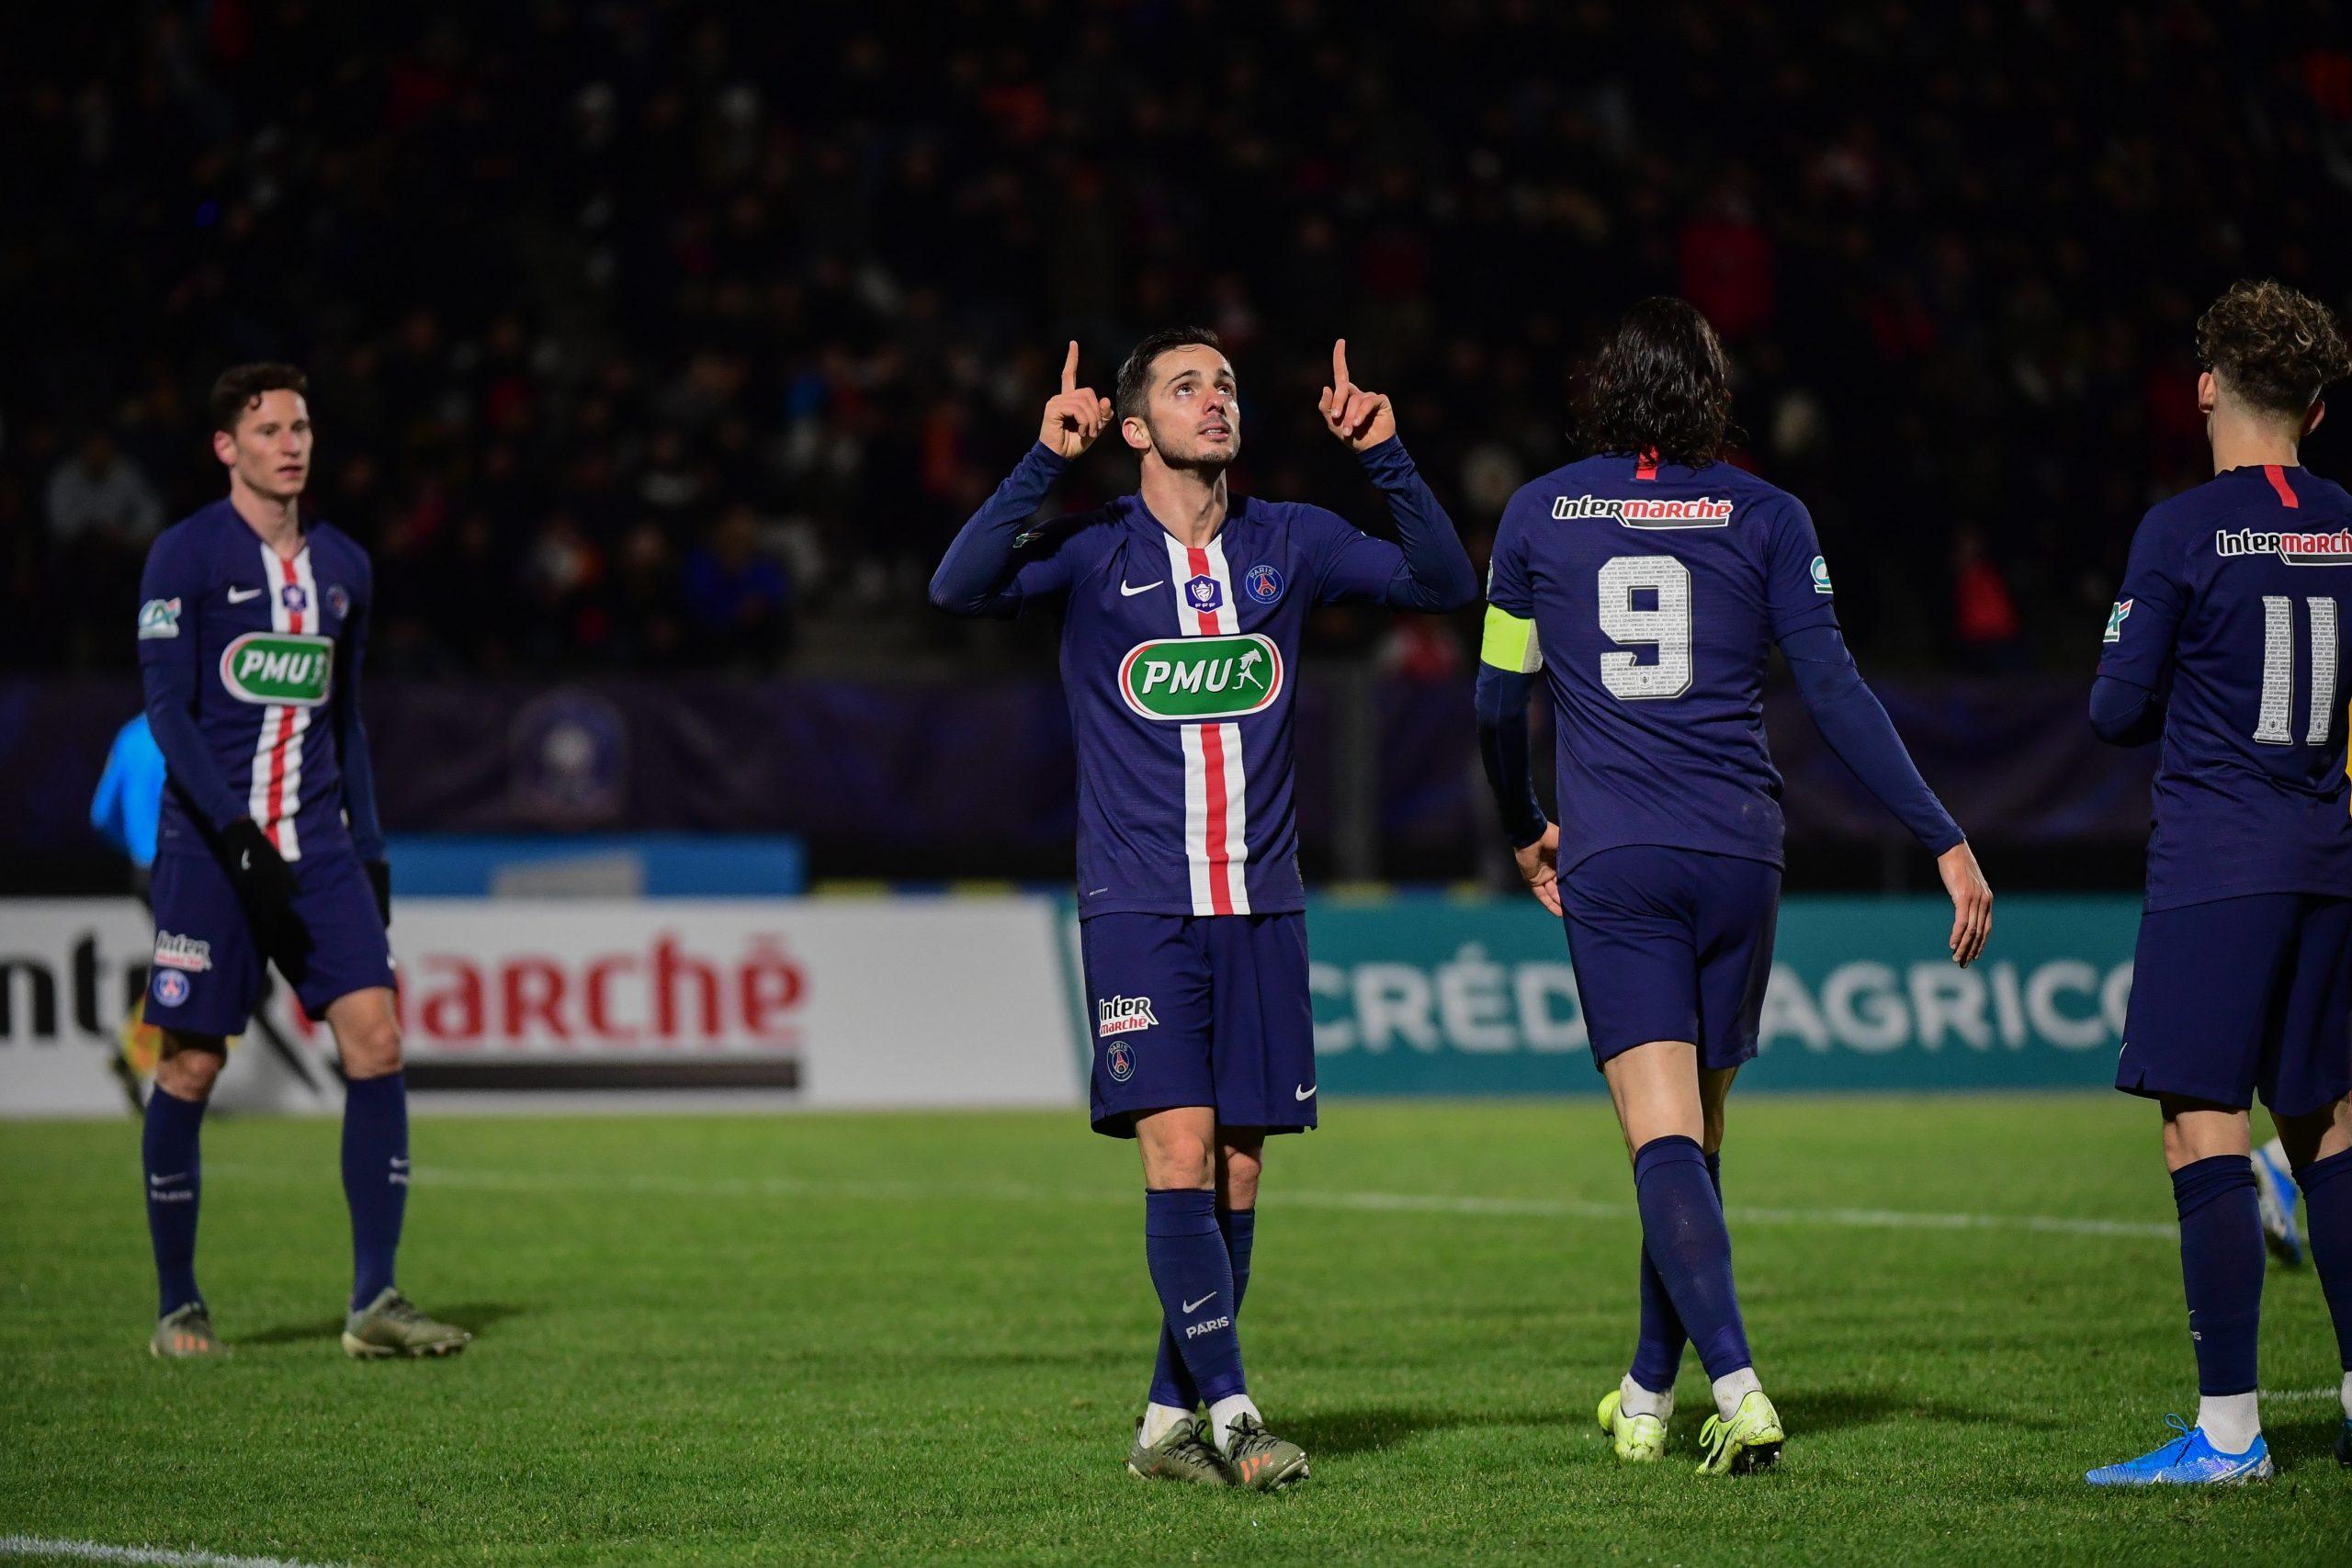 Da Fonseca fait l'éloge de Sarabia «Je vais à un match de foot pour voir ce genre de joueur»